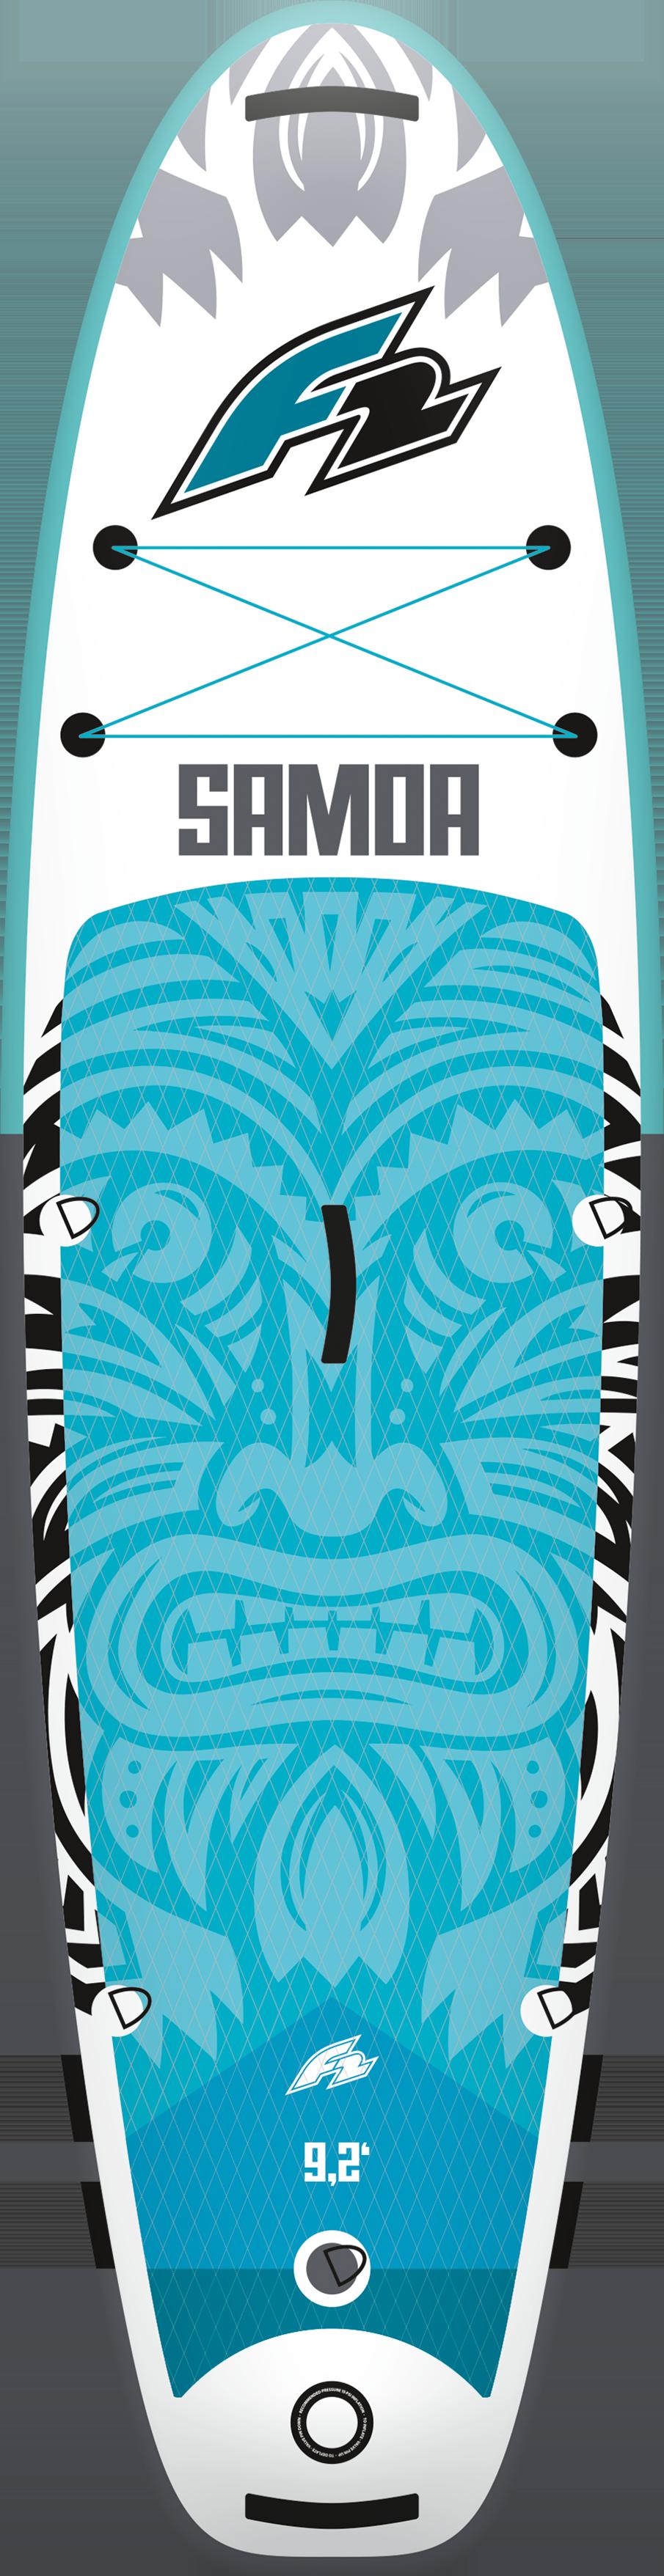 SAMOA KIDS - Top